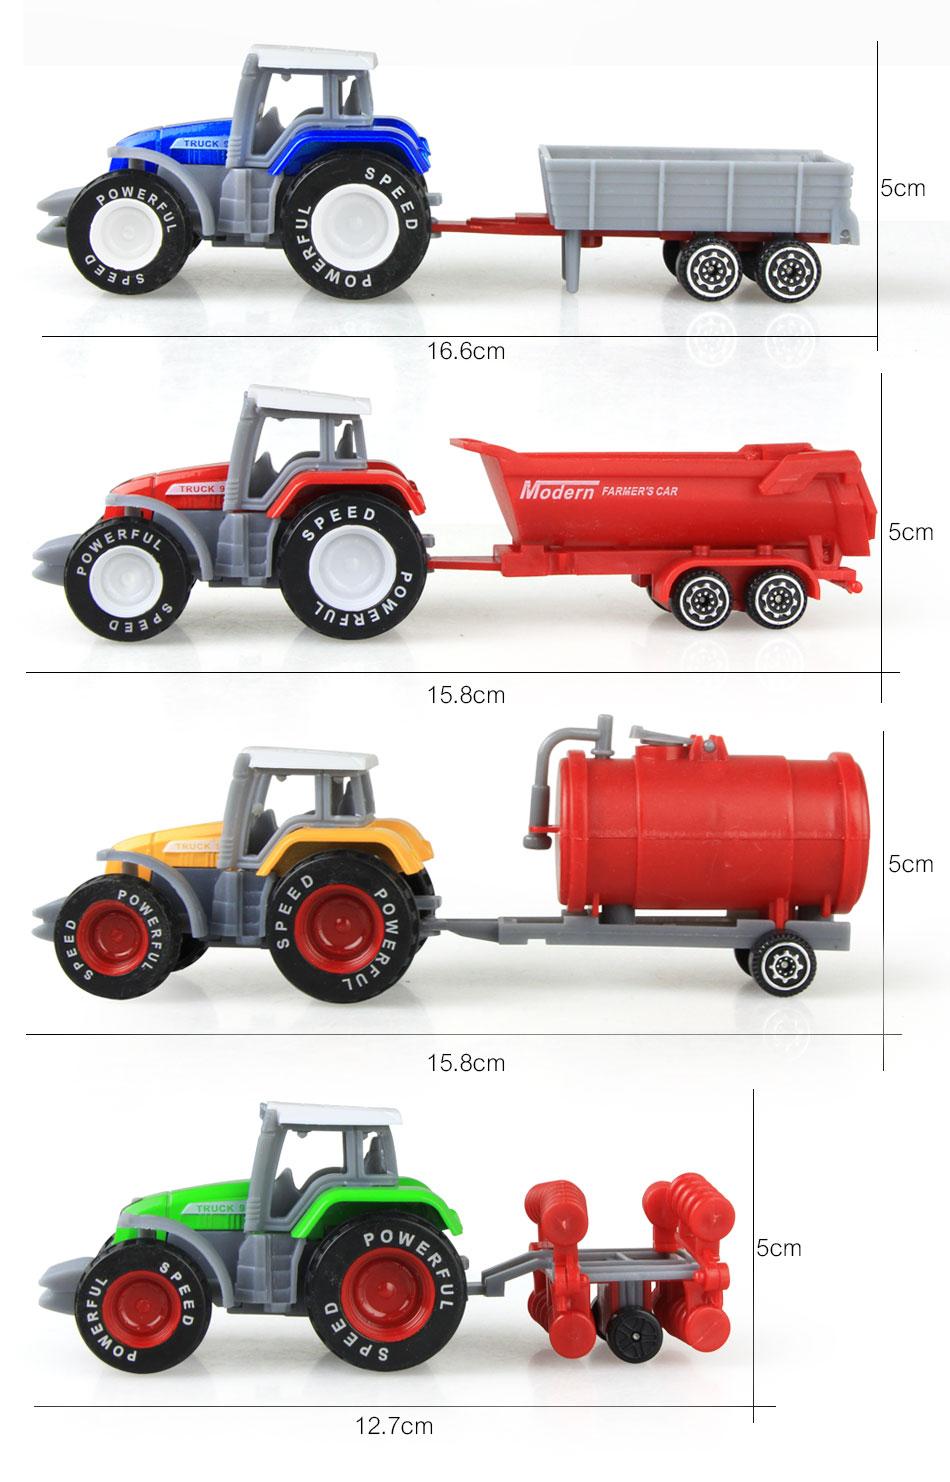 Литая под давлением сельскохозяйственная техника мини-модель автомобиля Инженерная модель автомобиля трактор инженерный автомобиль трактор игрушки модель для детей Рождественский подарок